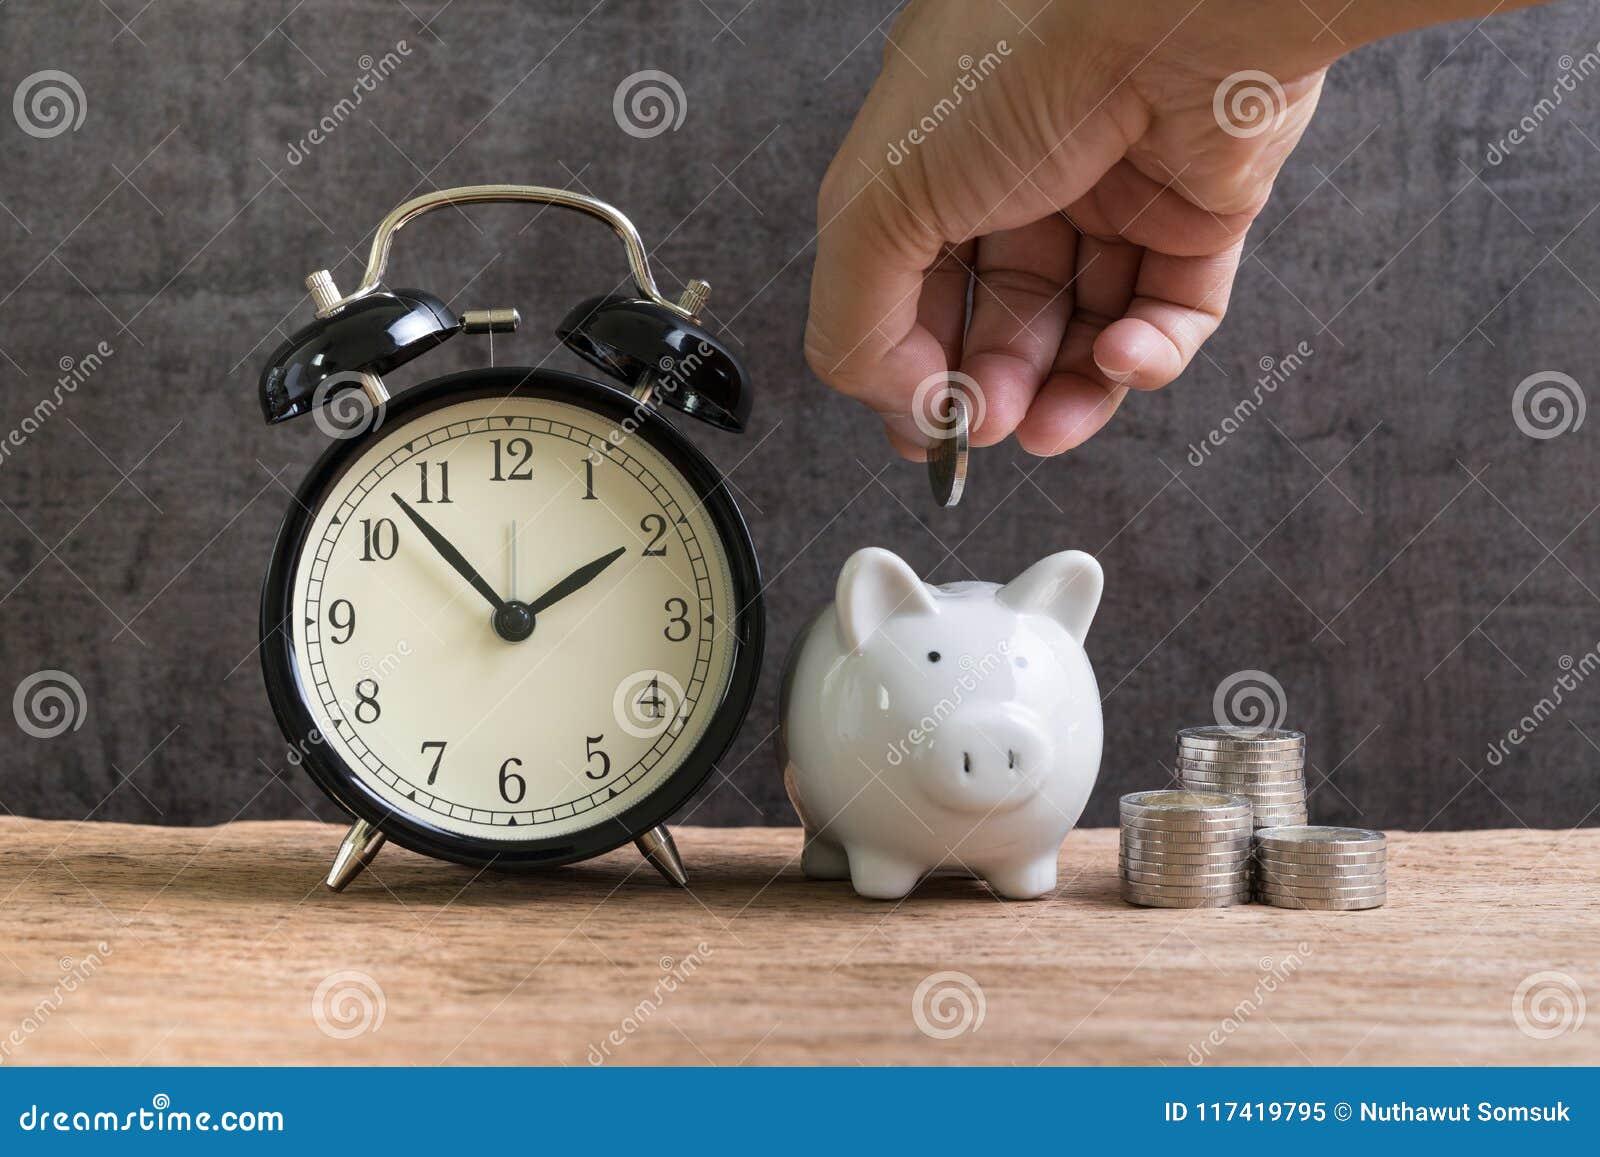 Risparmio finanziario e conto di investimento a lungo termine, mettere della mano